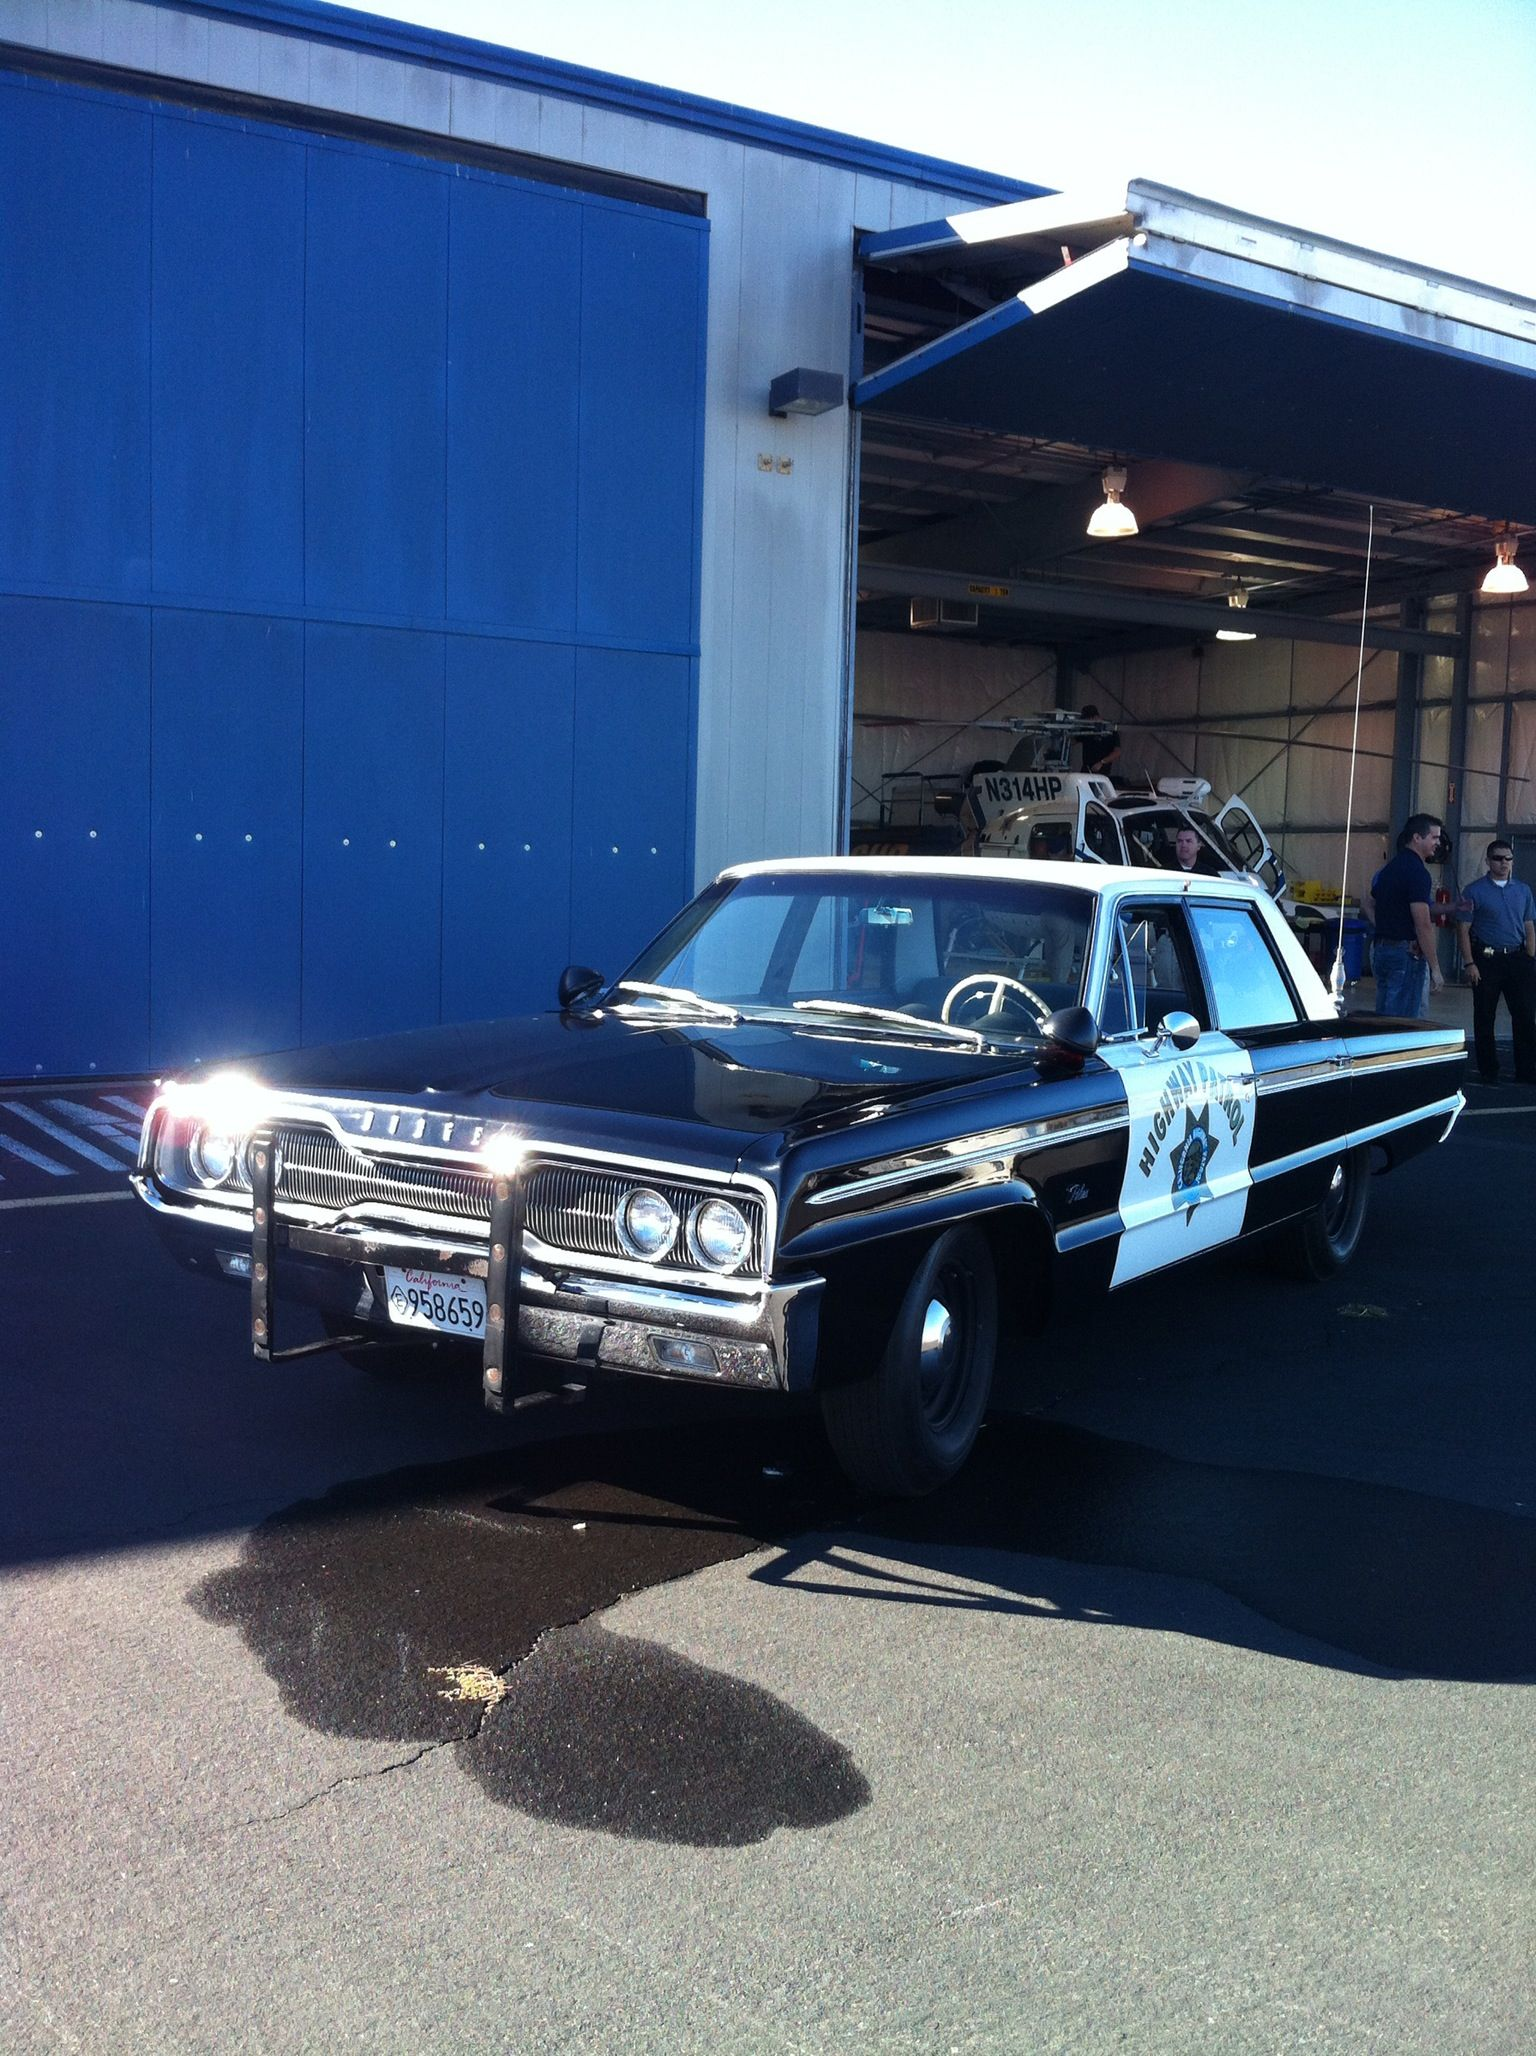 1966 Dodge Polara police car   Vintage Police Vehicles   Old